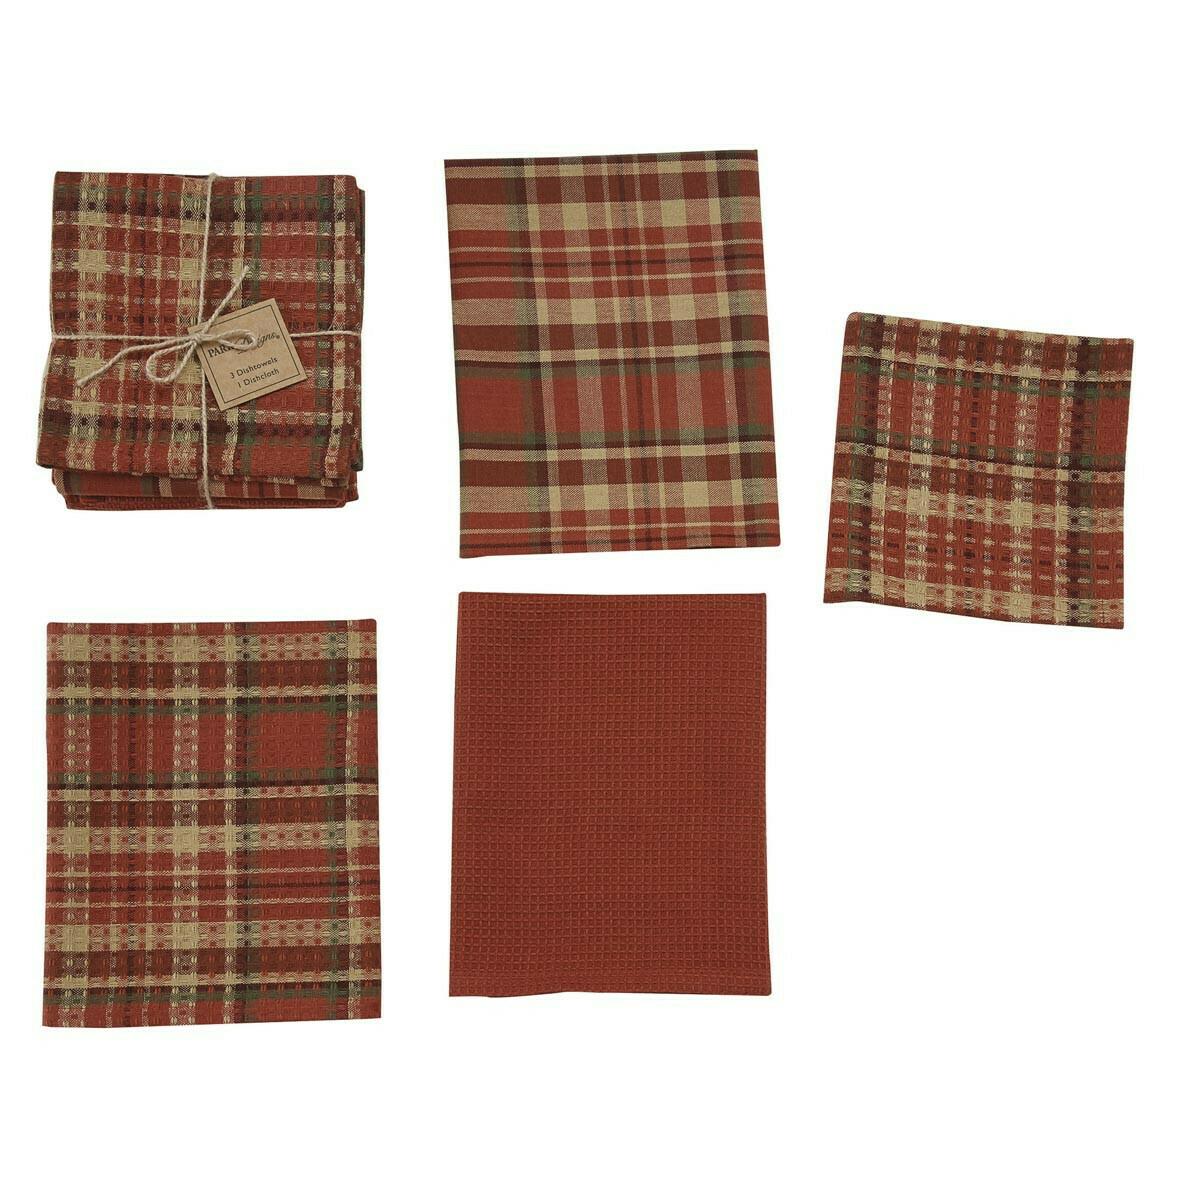 Abundant 3 Dishtowel & 1 Dishcloth Set